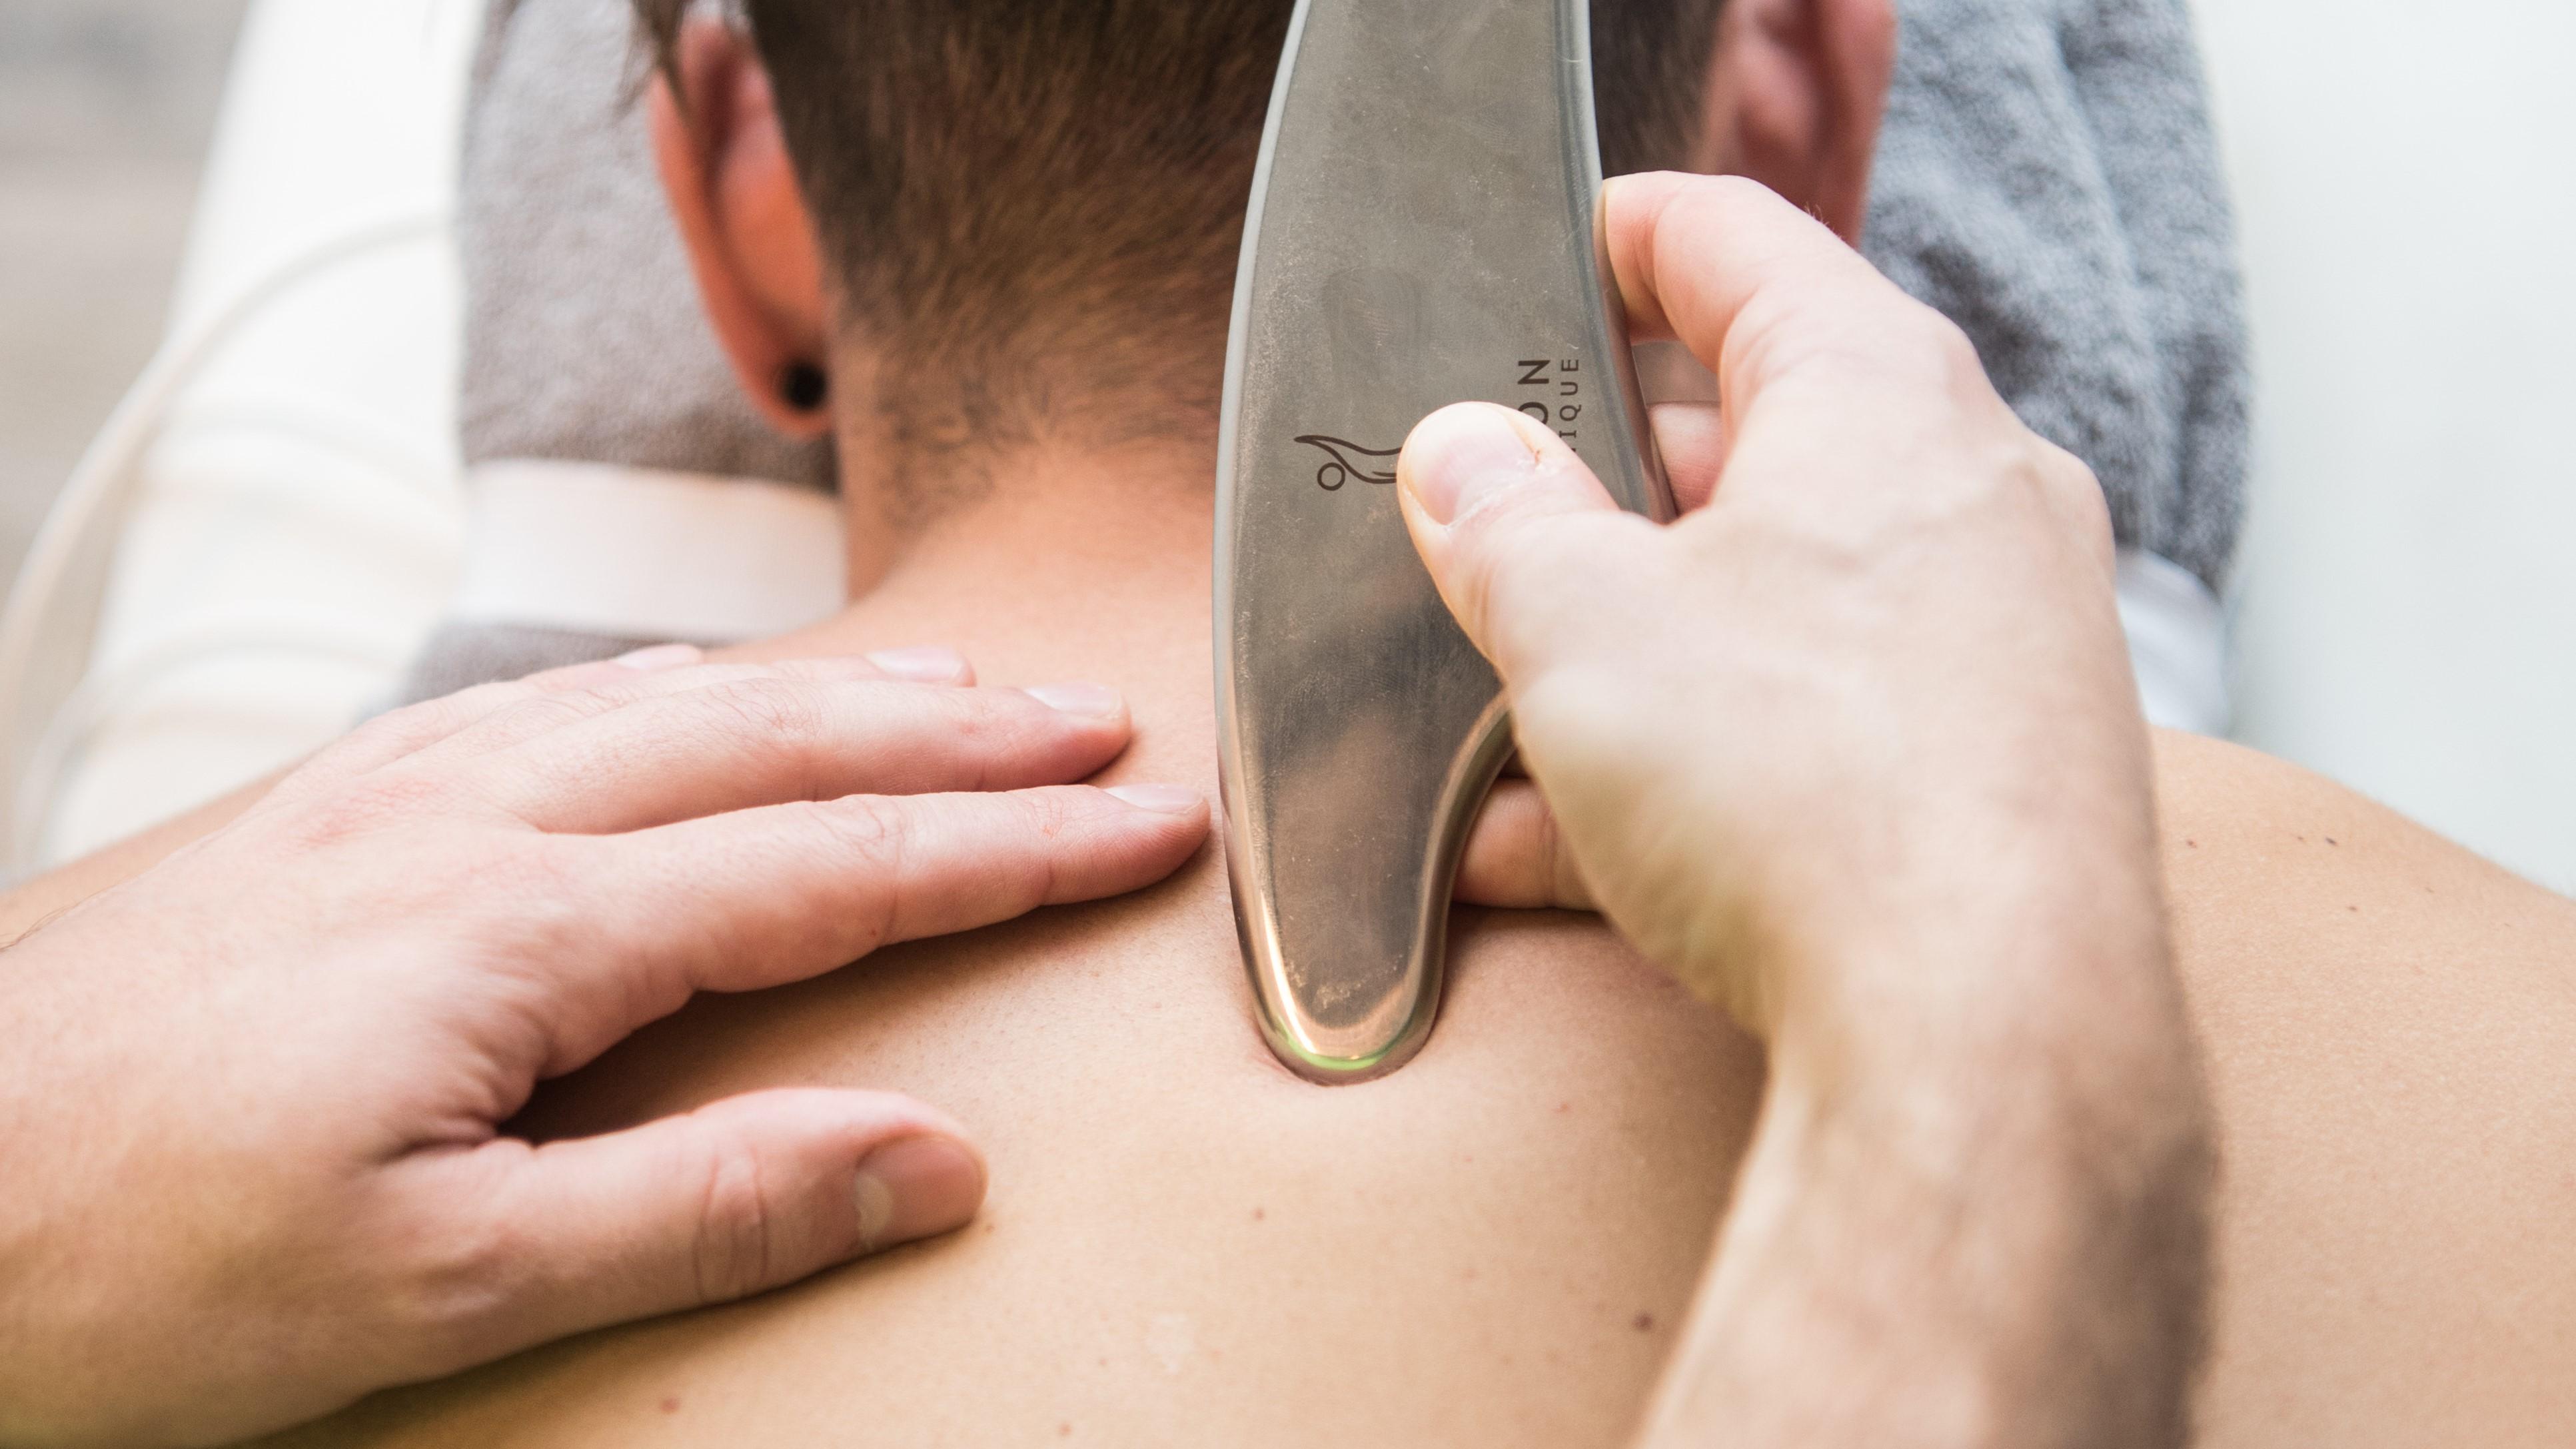 iastm-massage-